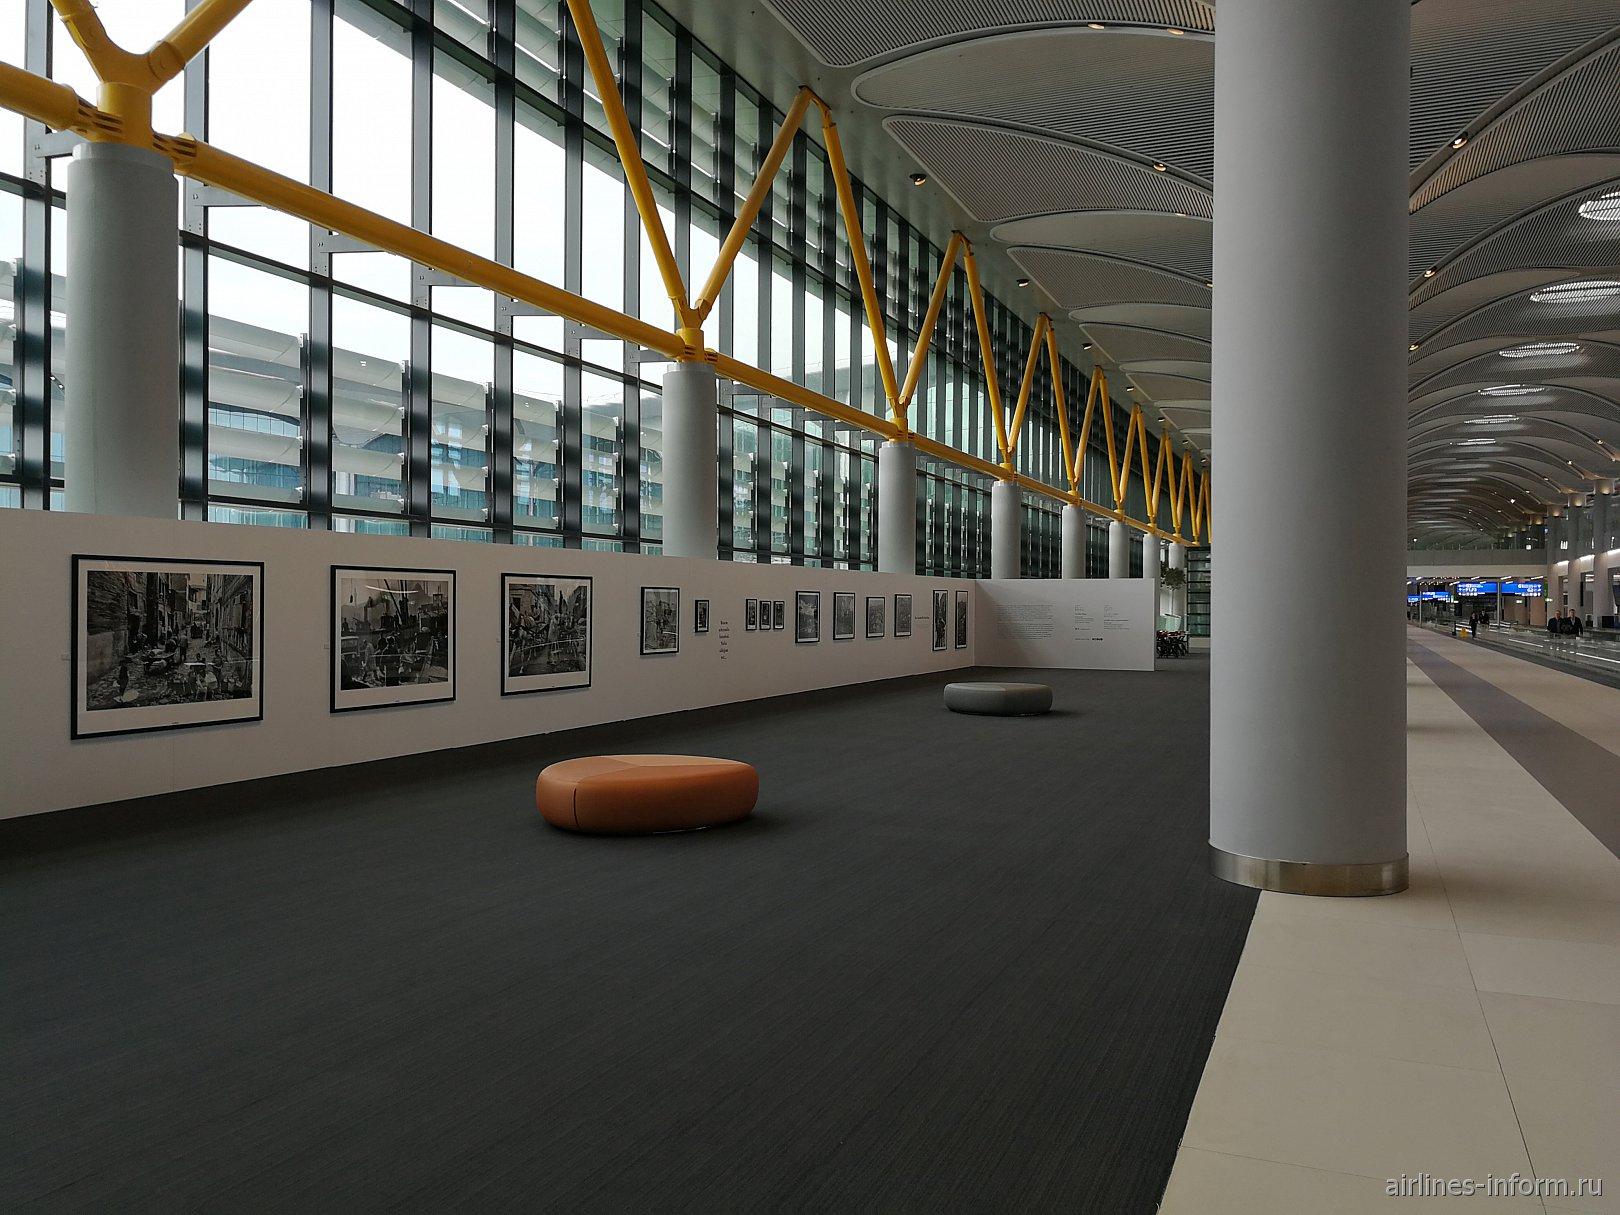 В чистой зоне нового аэропорта Стамбула